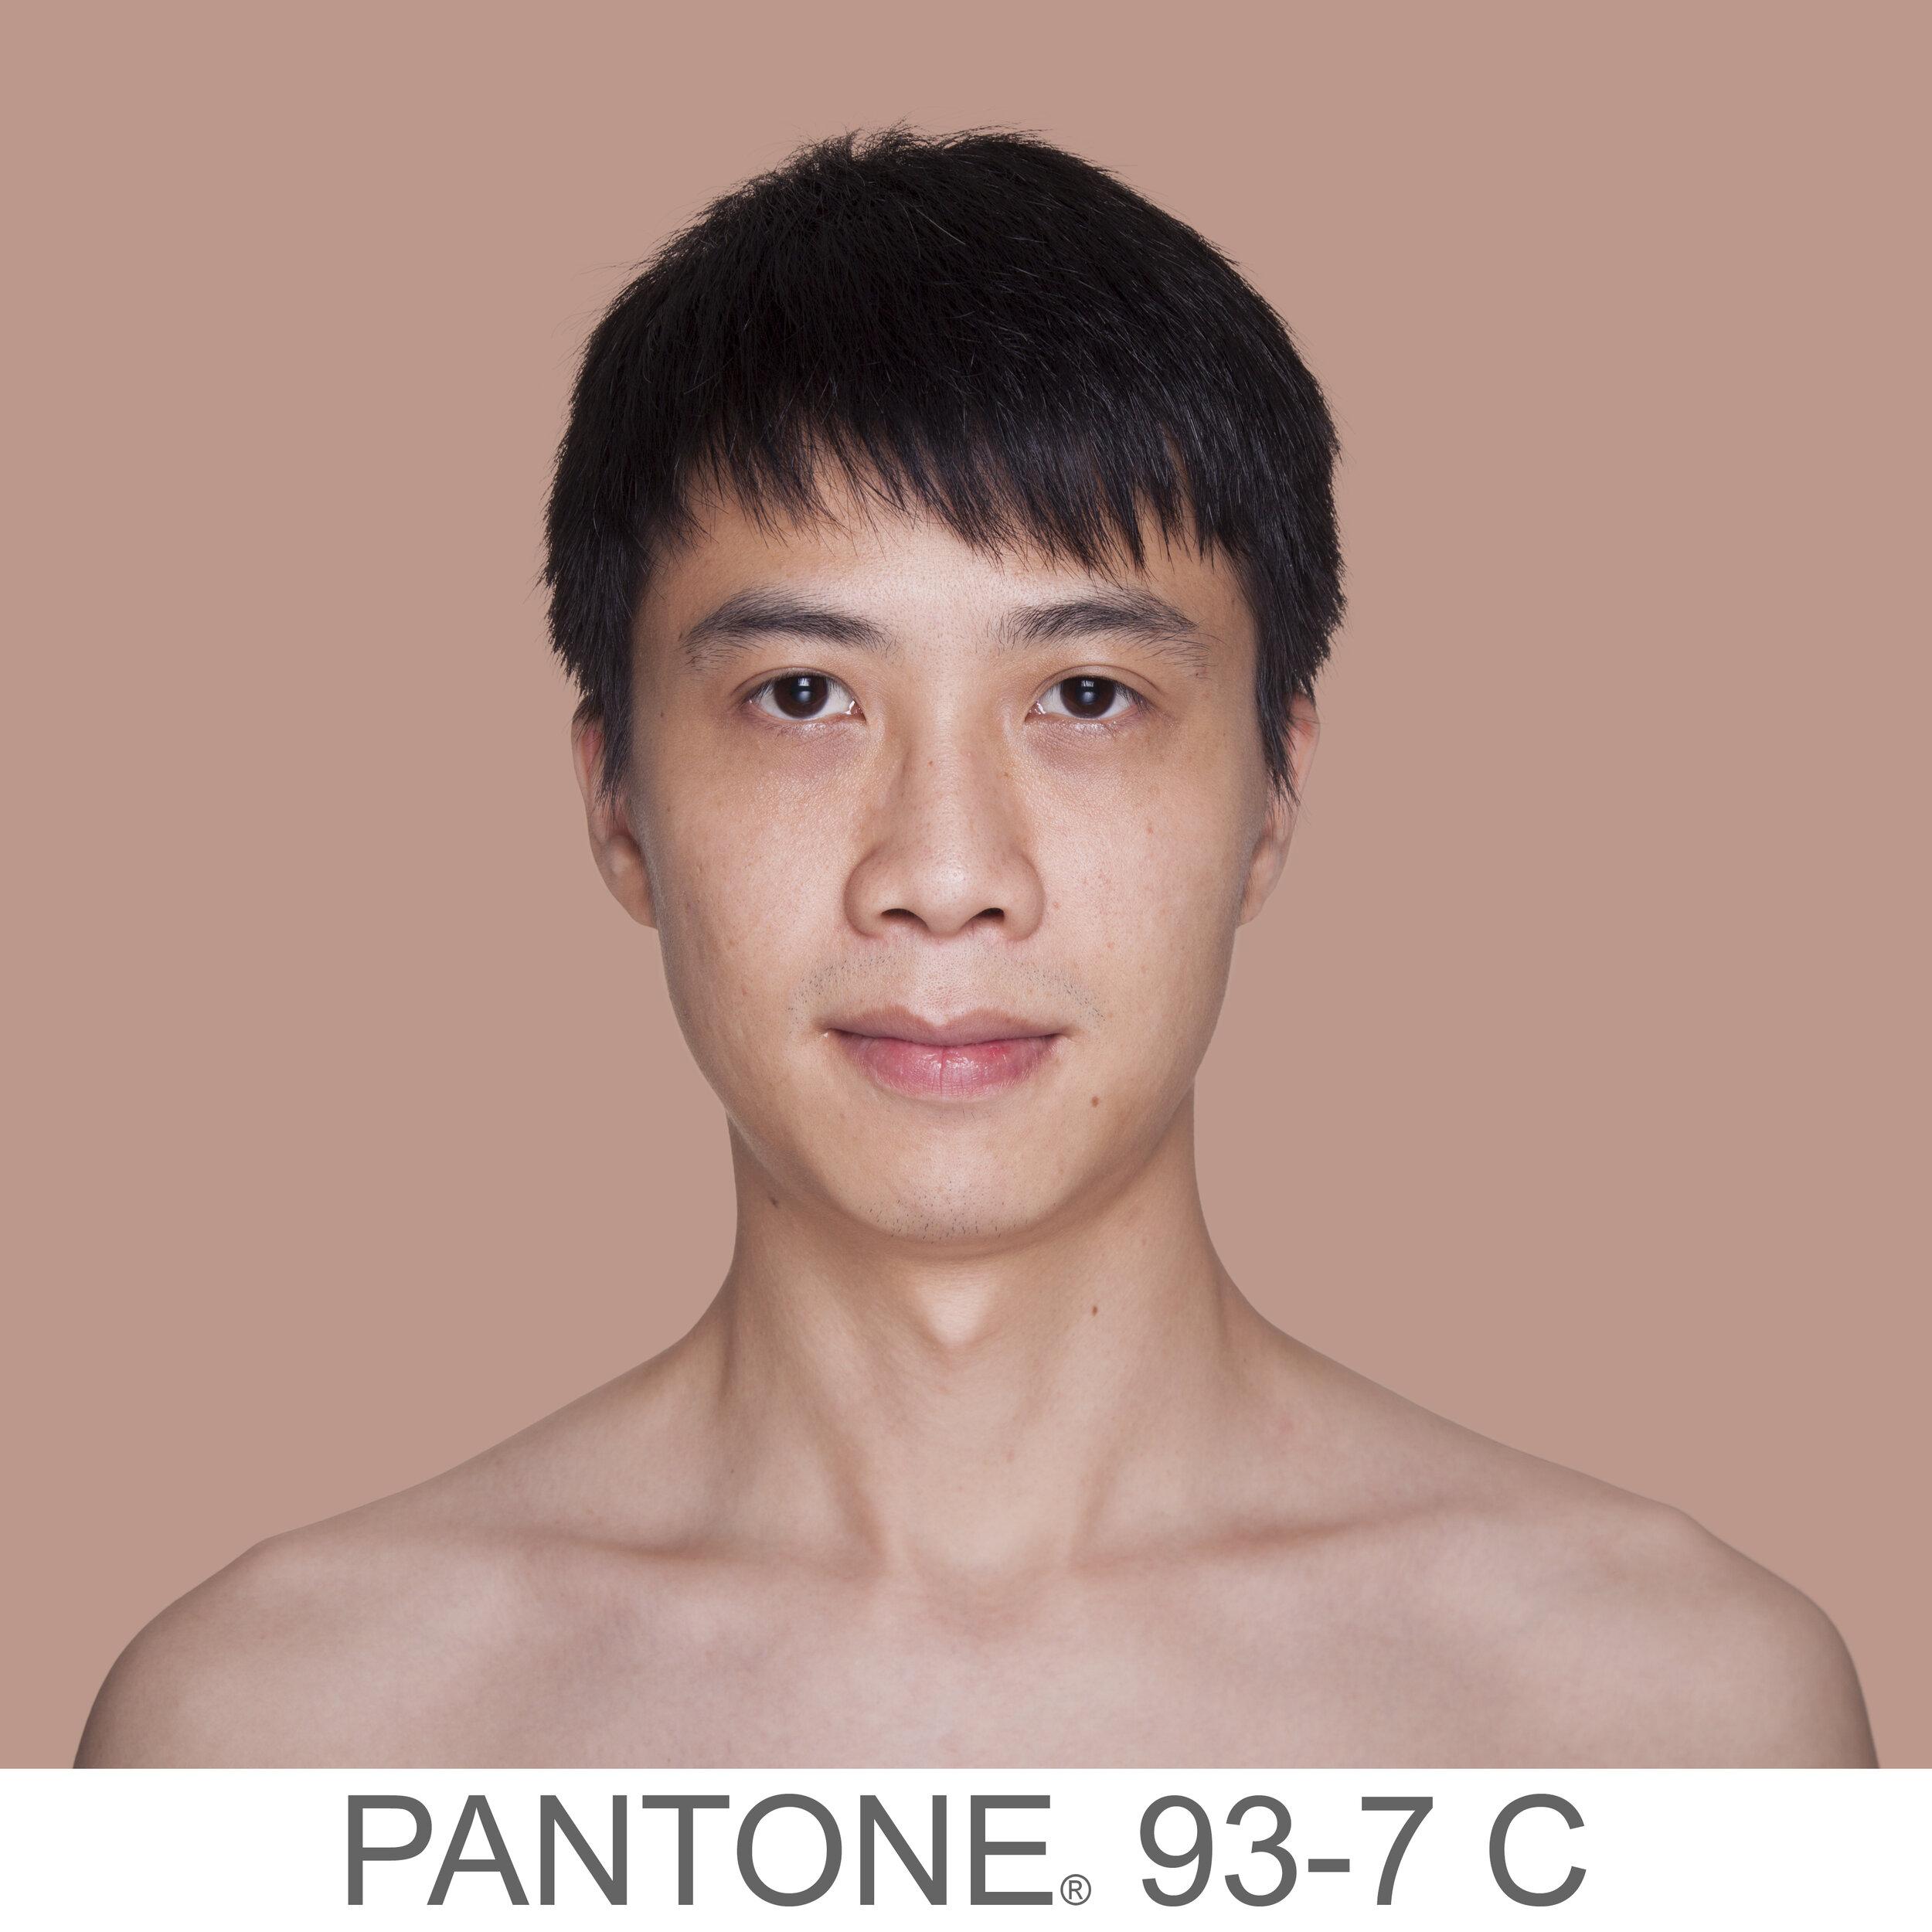 humanae 93-7 C CN copia.jpg